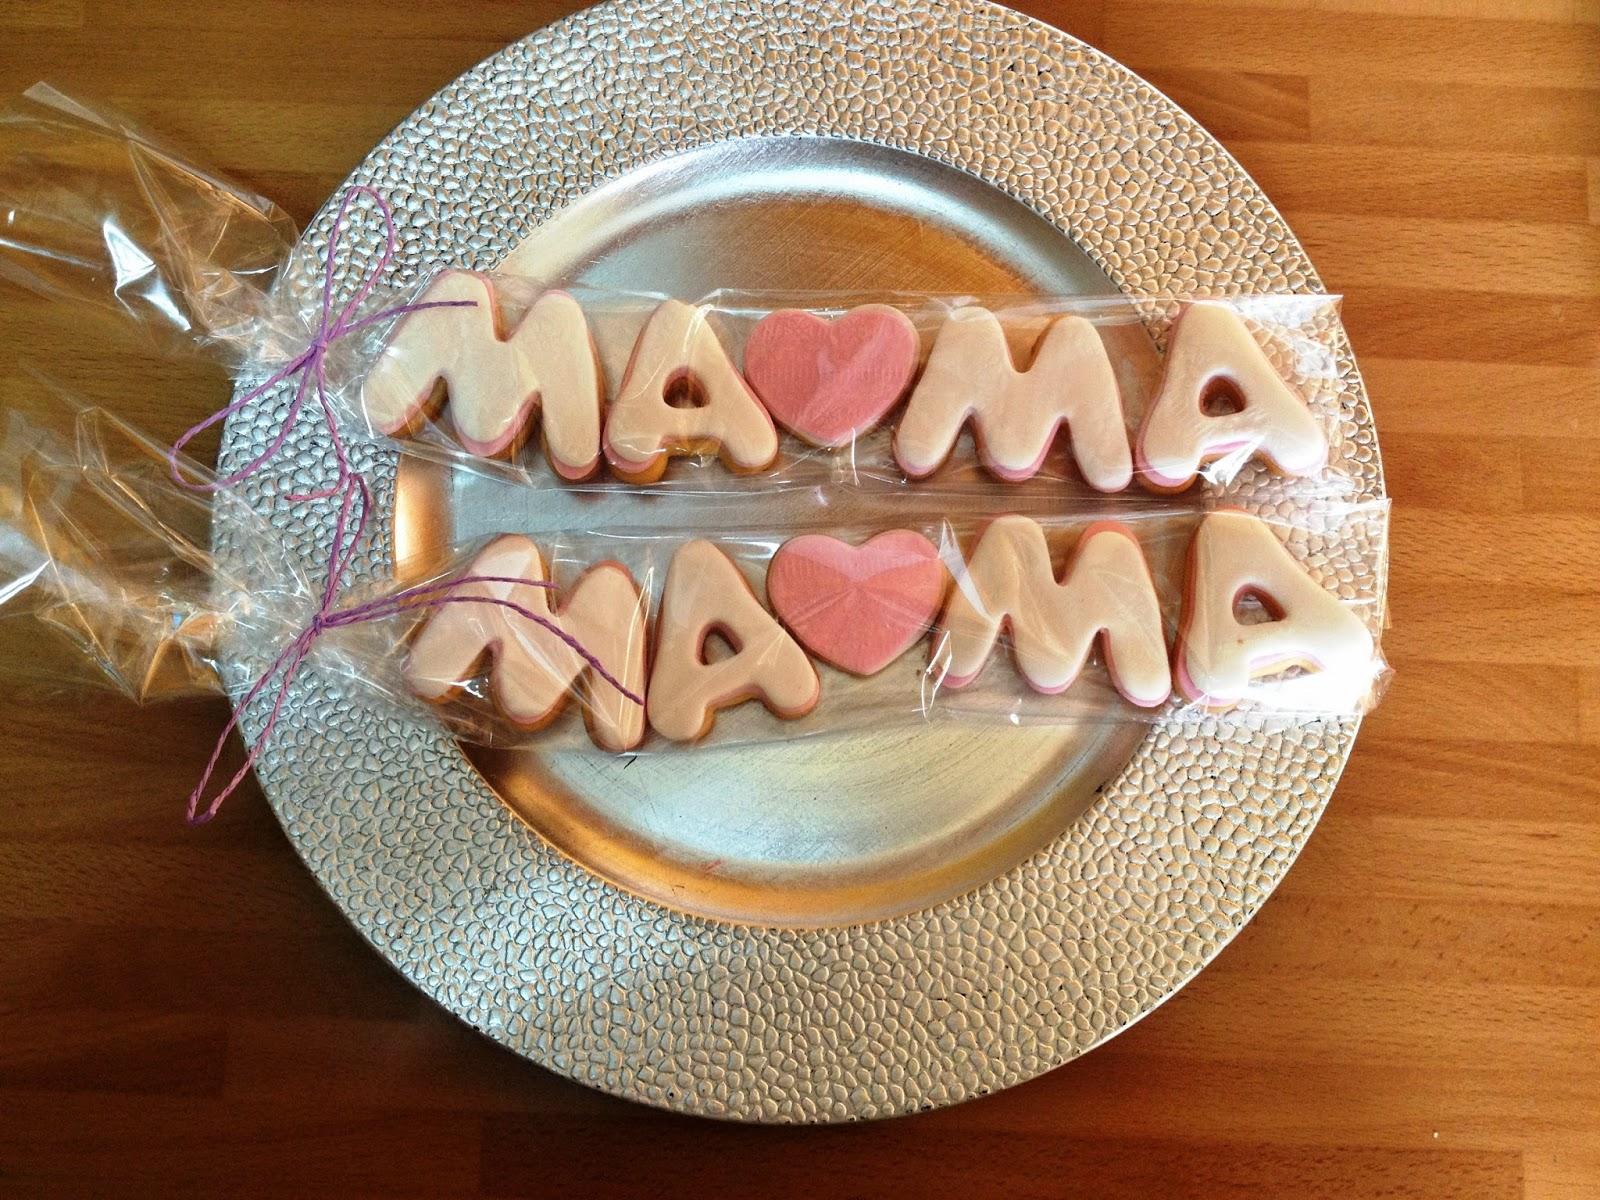 galletas decoradas, galletas día de la madre: galletas mamá; galletas mama